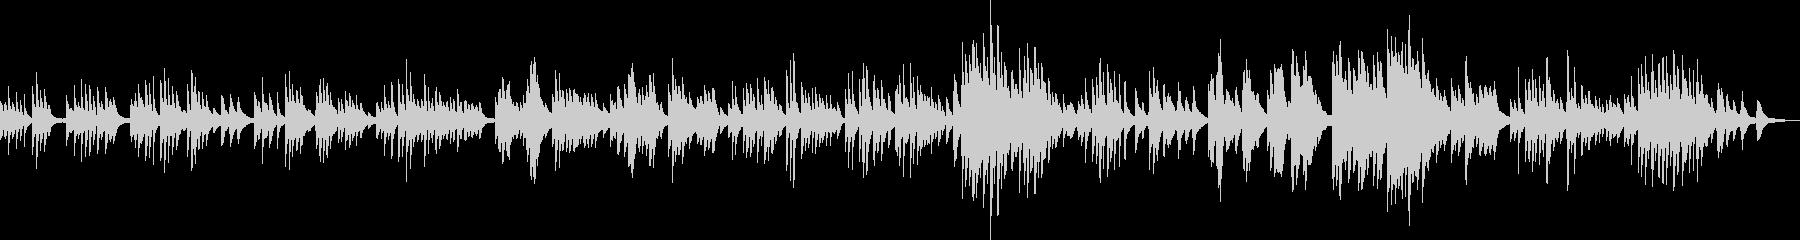 Sad melody piano solo song's unreproduced waveform